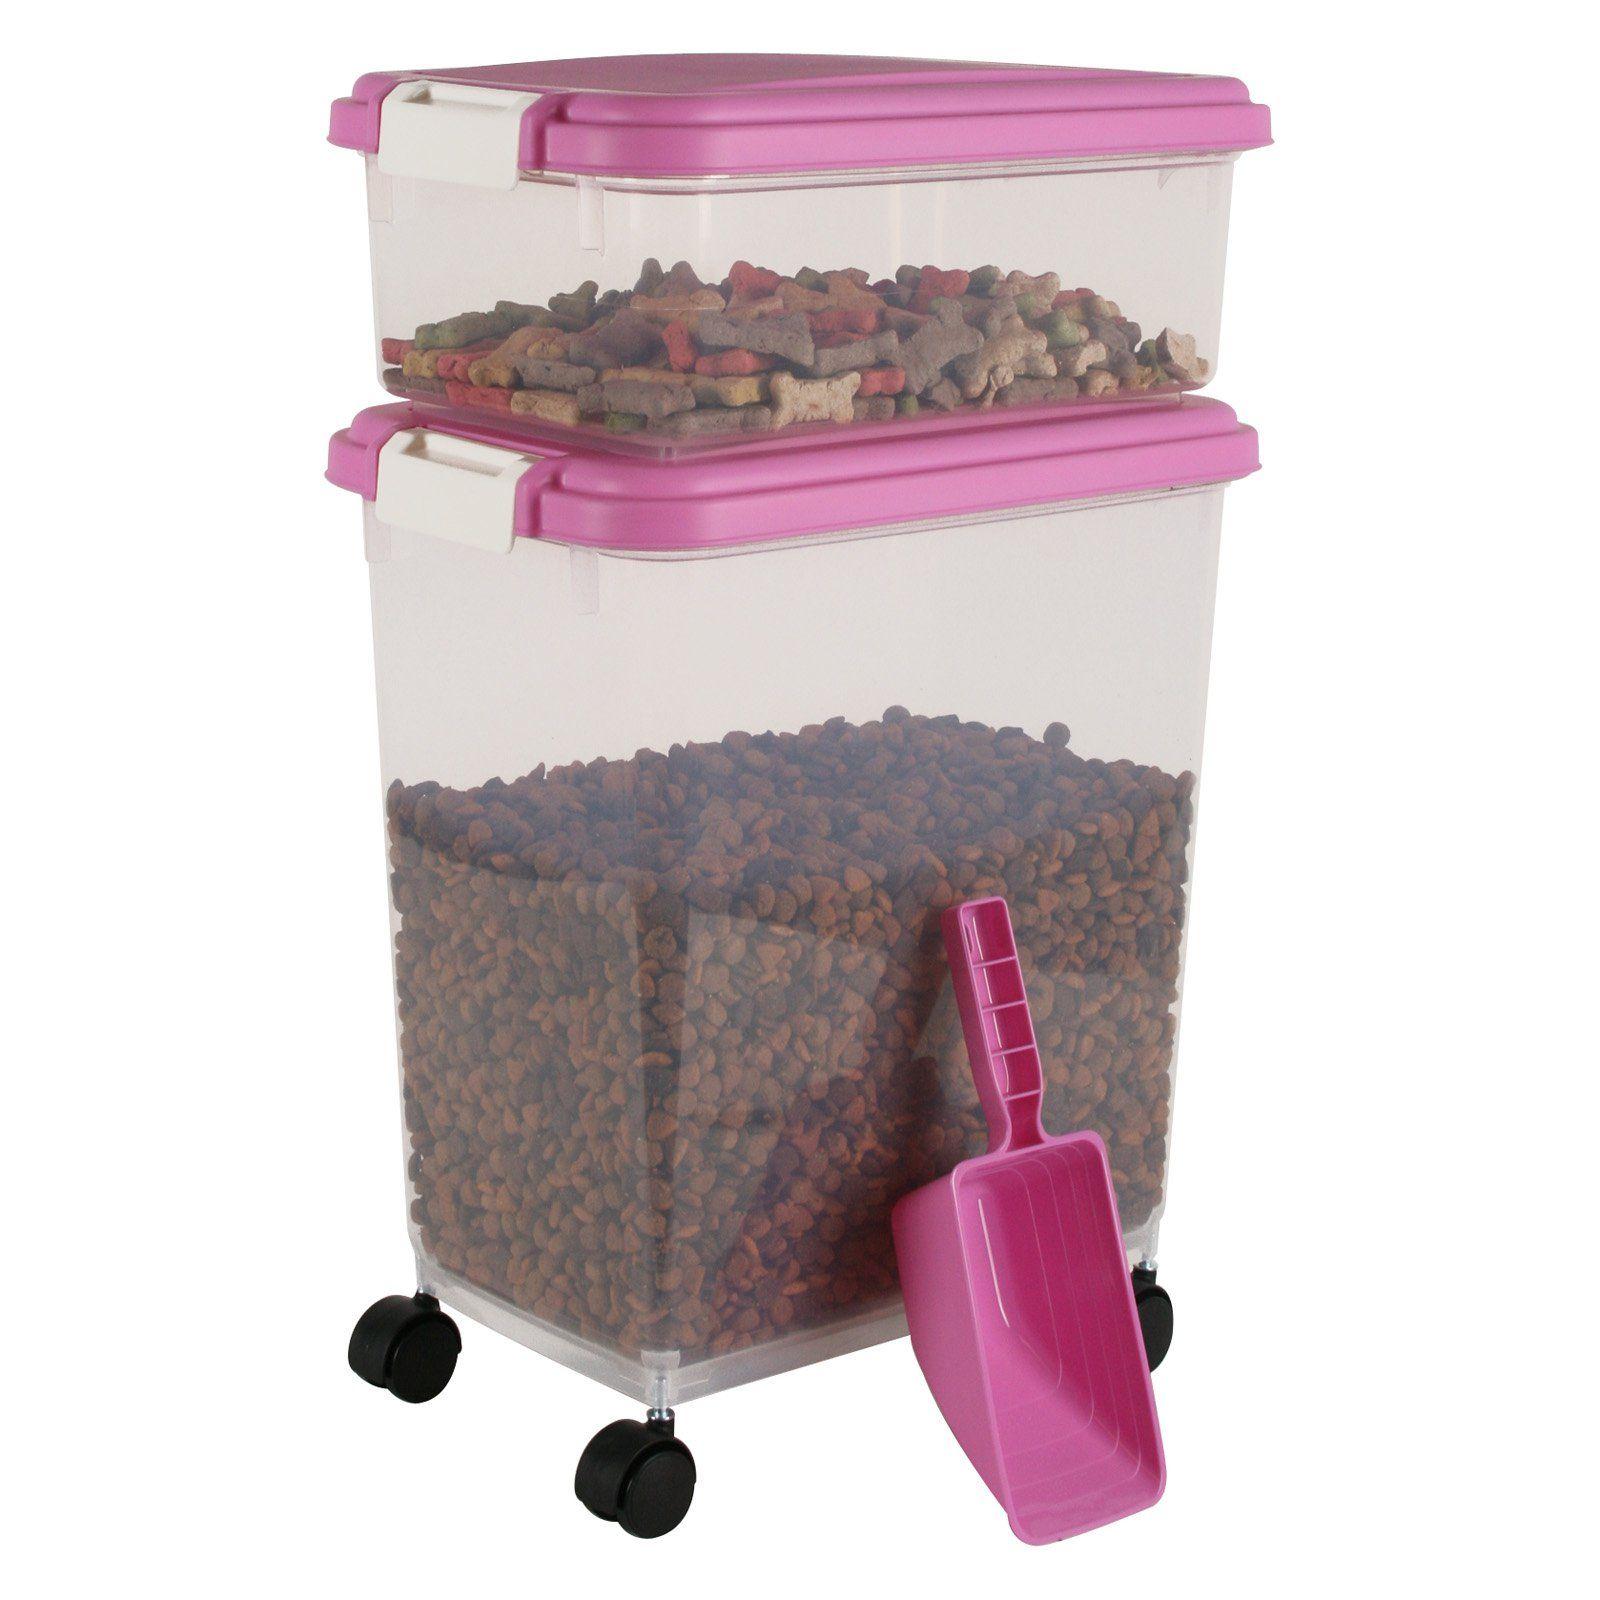 Iris 3pc Airtight Pet Food Container Combo Pink Pet Food